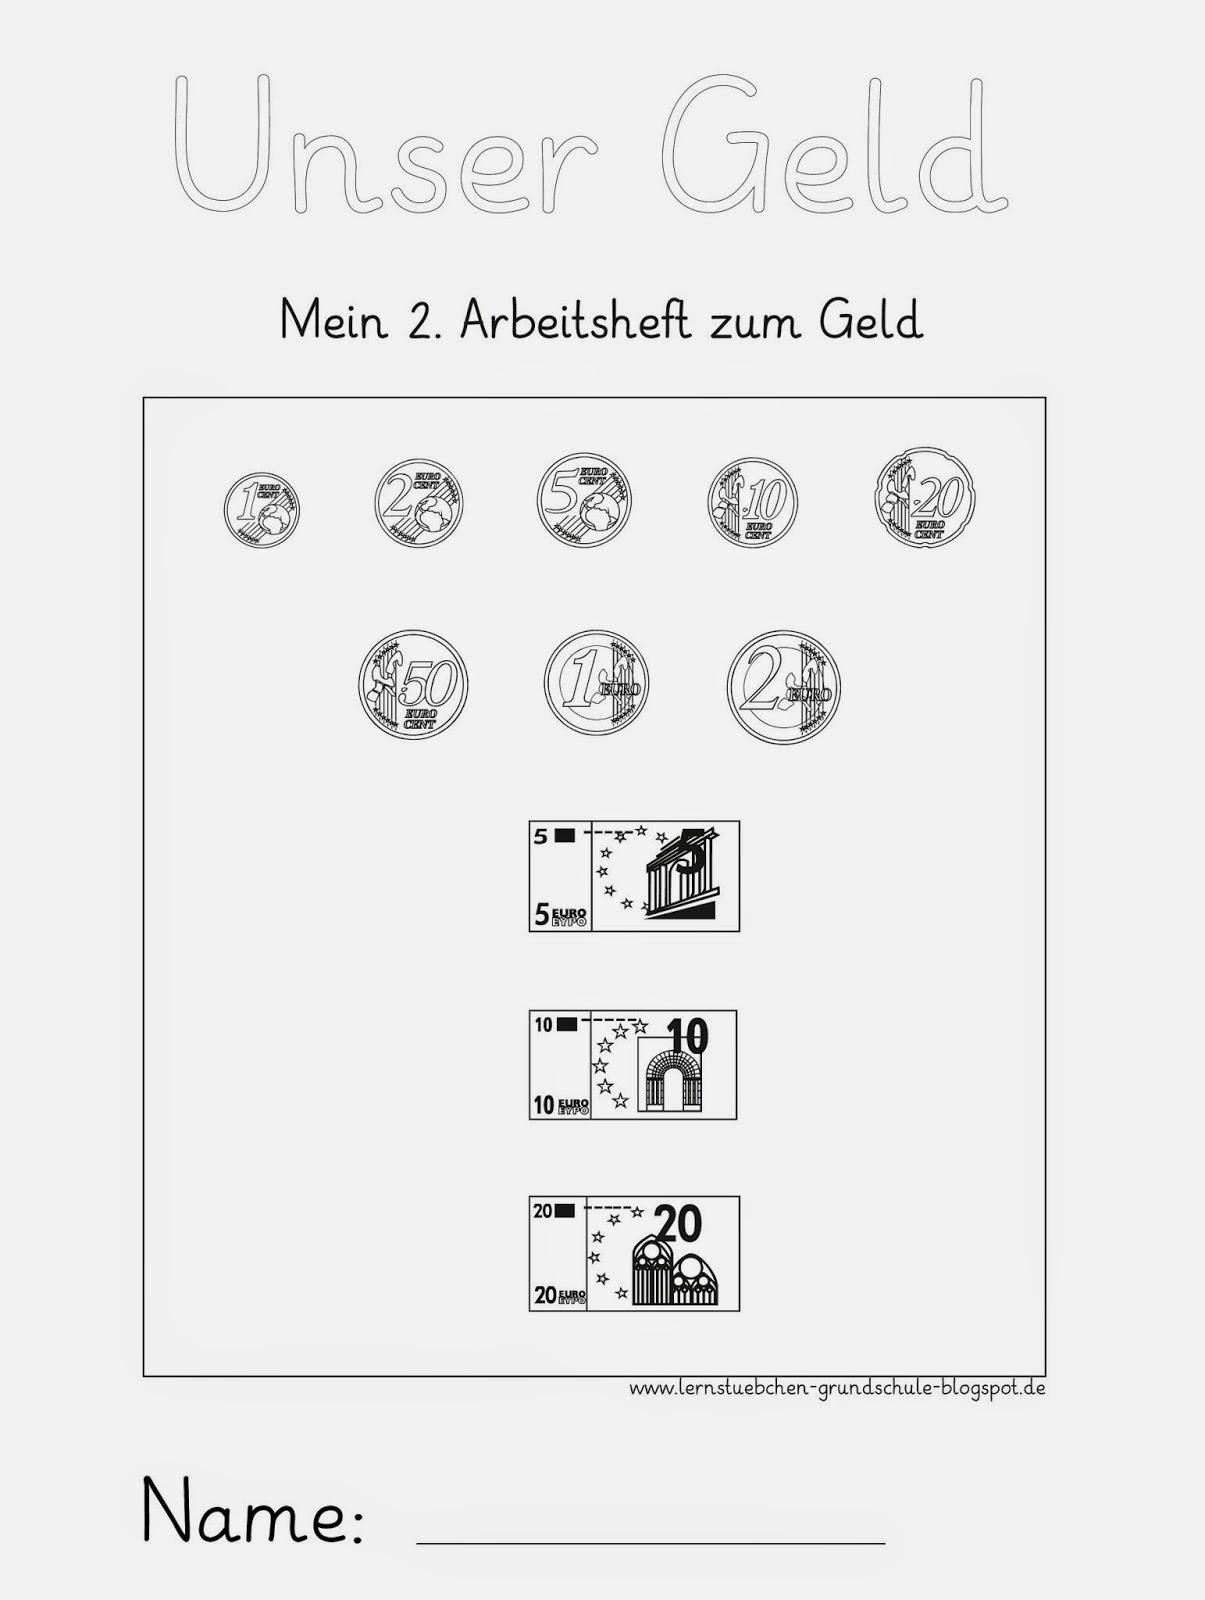 Lernstübchen: rechnen mit Geld ZR 20 (1)